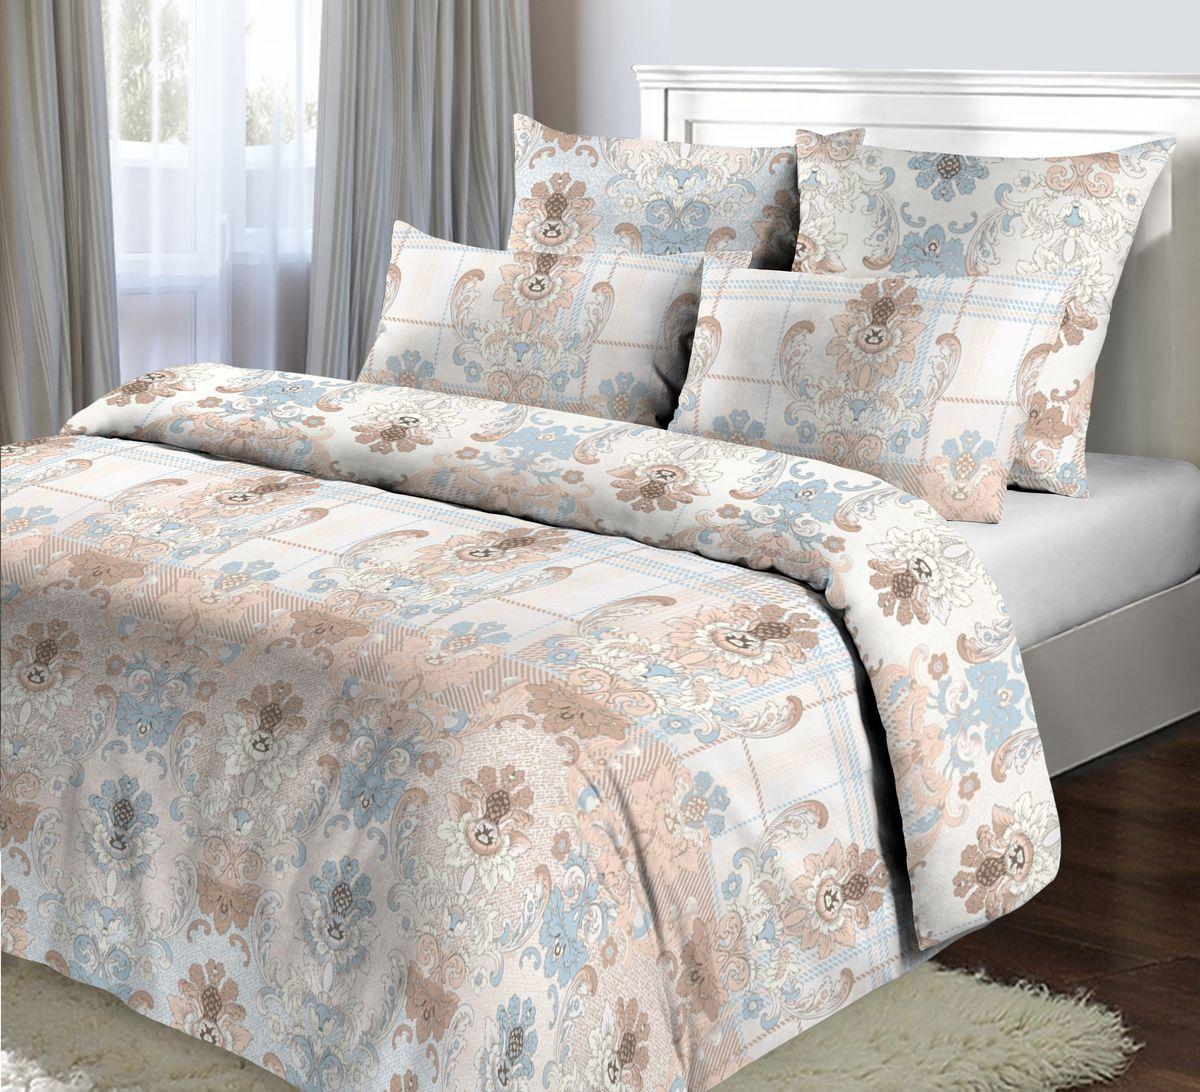 Комплект белья Коллекция Рафаэль, 2,5-спальный, наволочки 50х70ОБК-2,5/50 4281.4